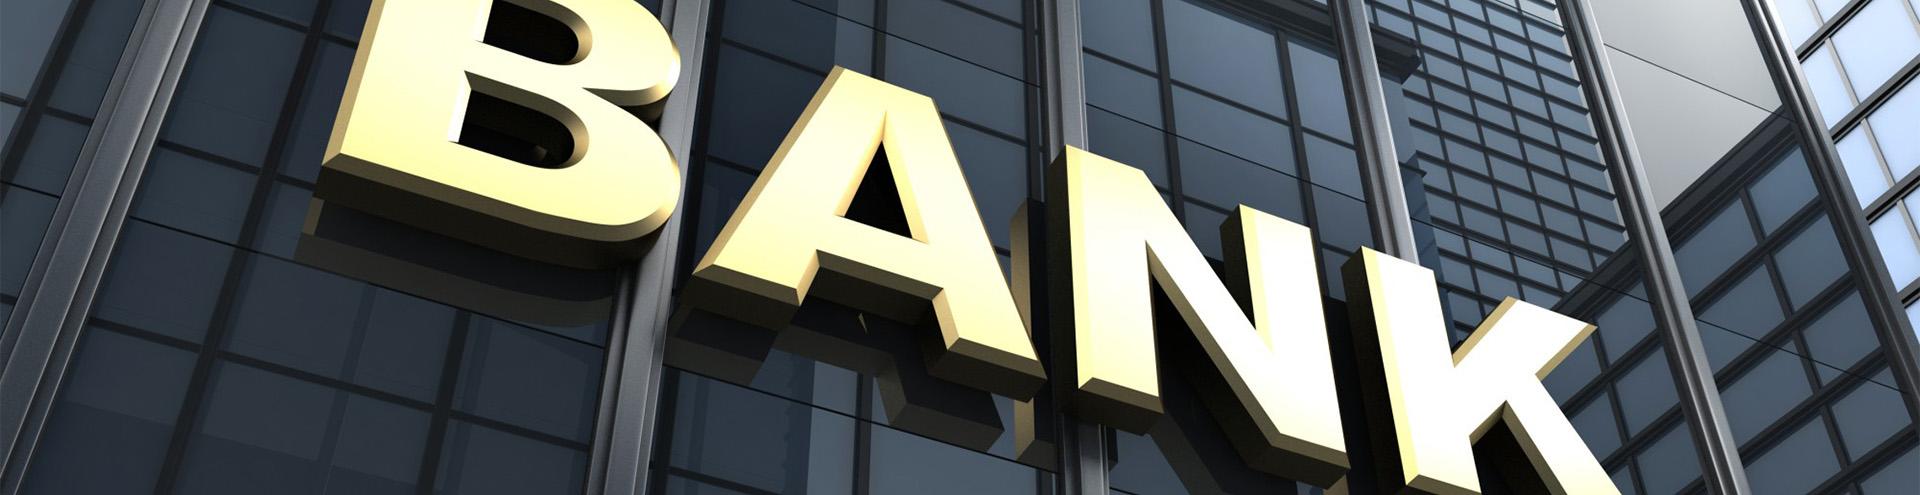 Споры с банками в Астрахани и Астраханской области